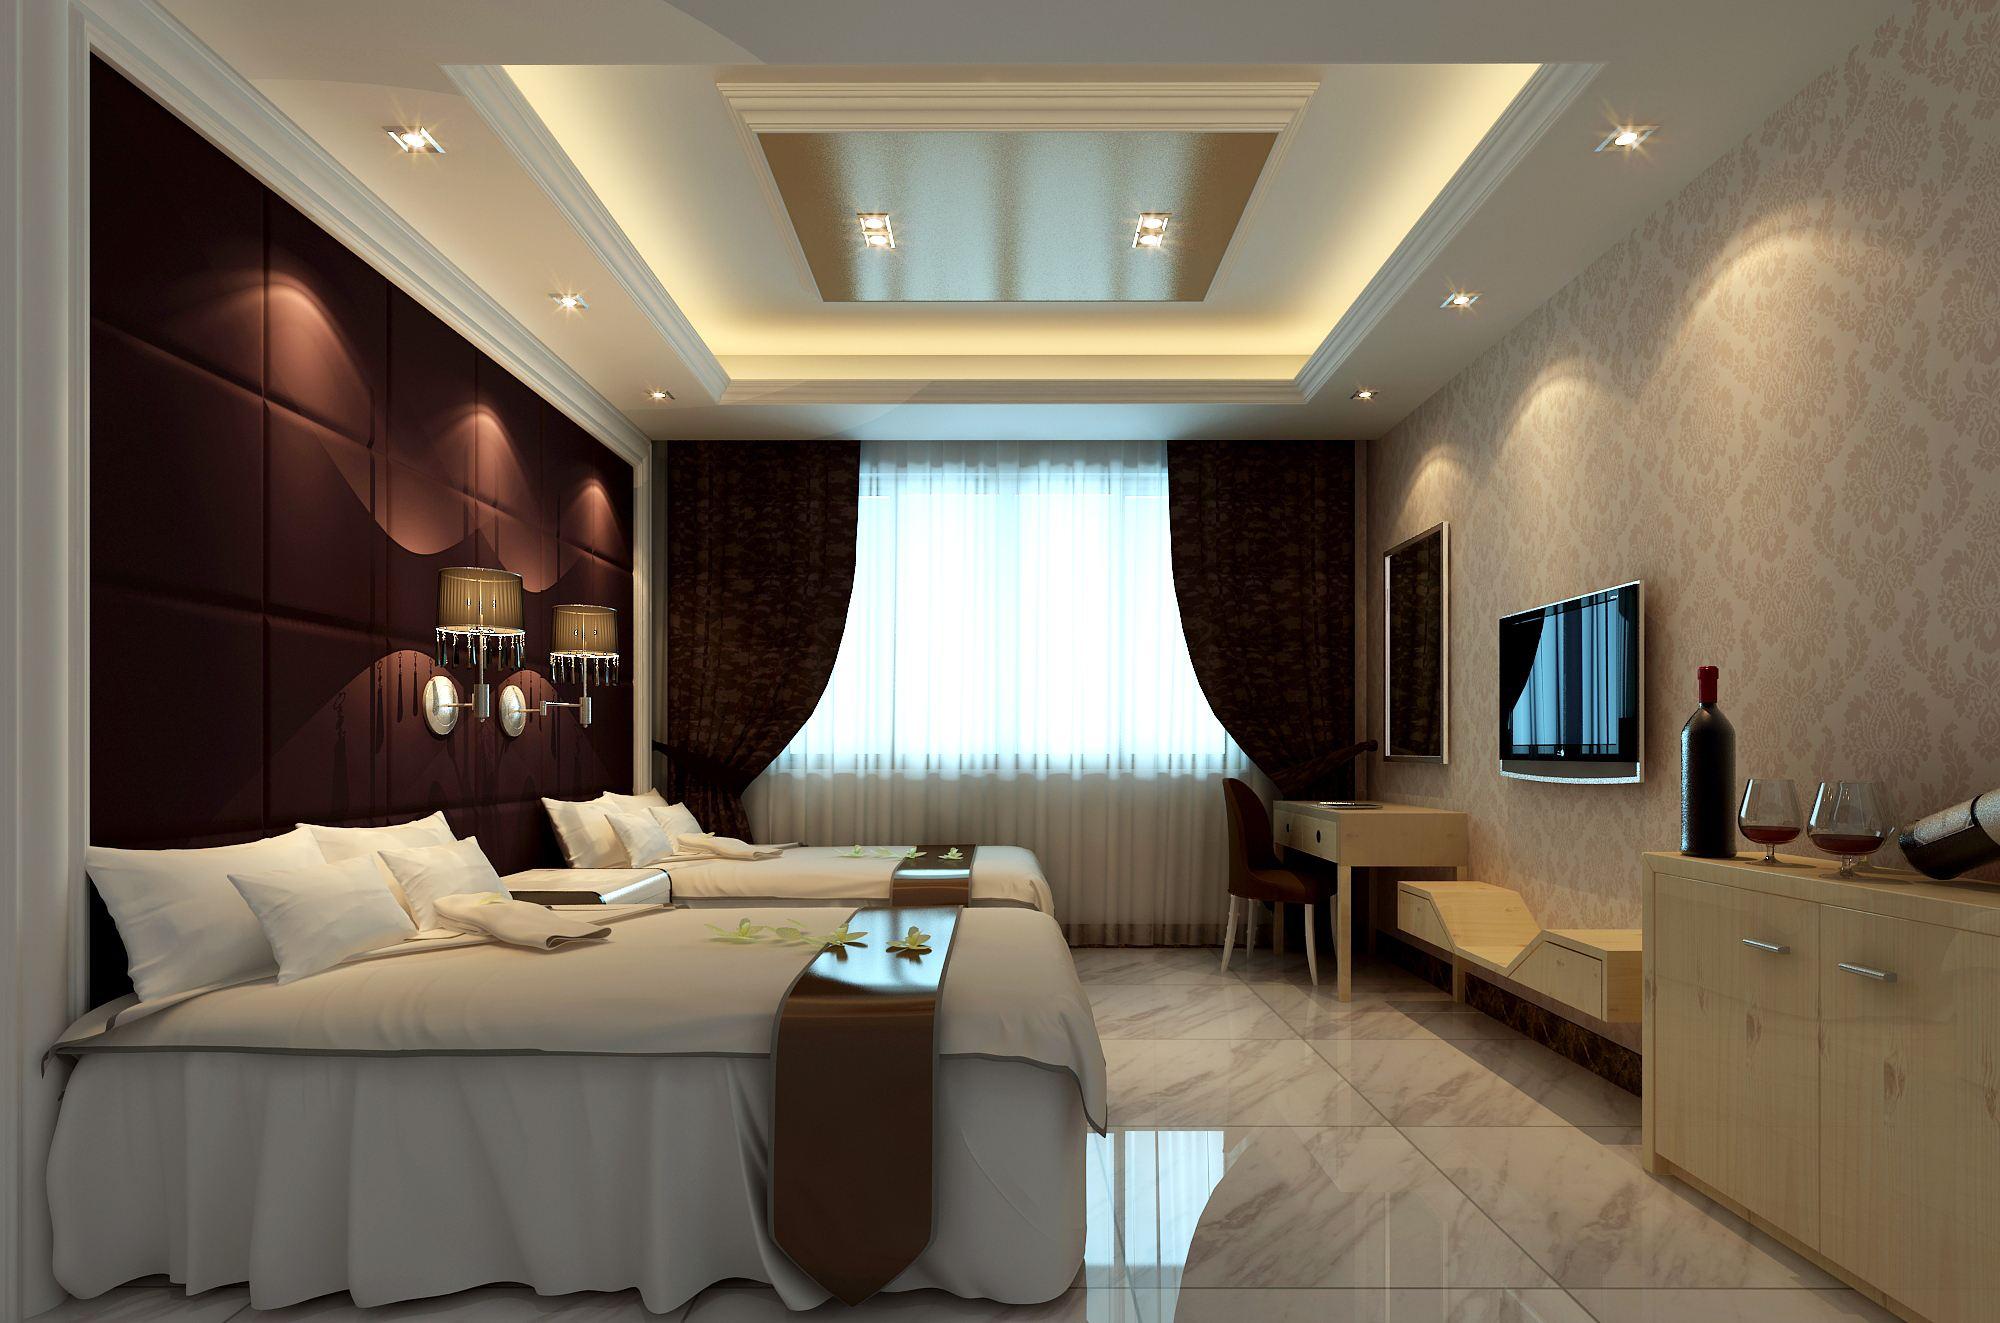 黃山藝空間裝飾設計工程有限公司